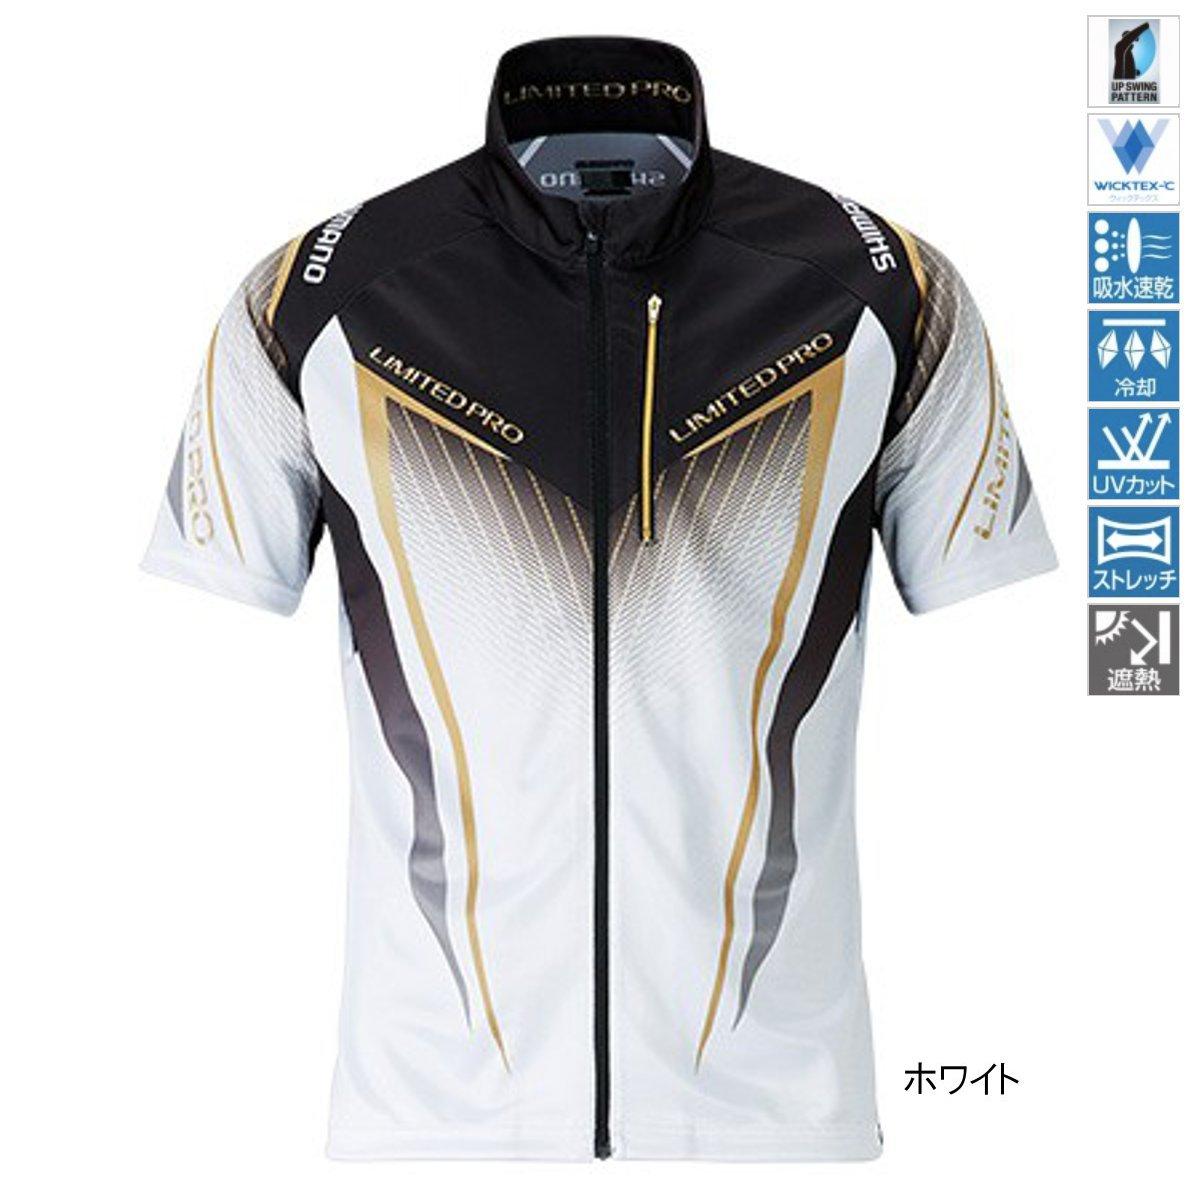 シマノ フルジップシャツLIMITED PRO(半袖) SH-012S 2XL ホワイト【送料無料】